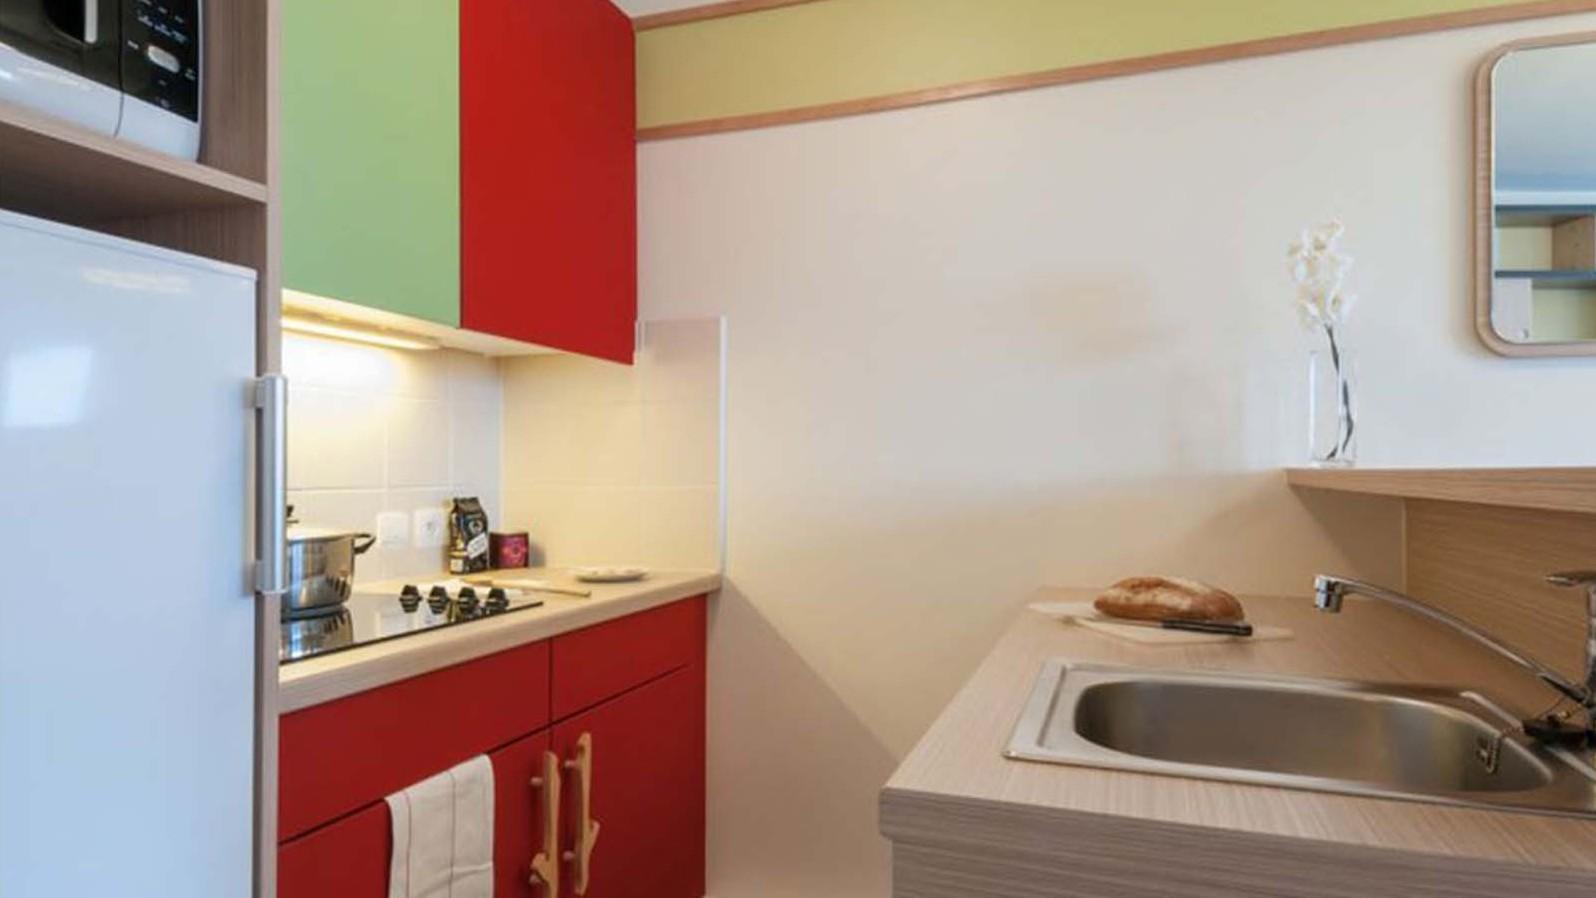 Kitchenette, Residence Electra, Avoriaz, France